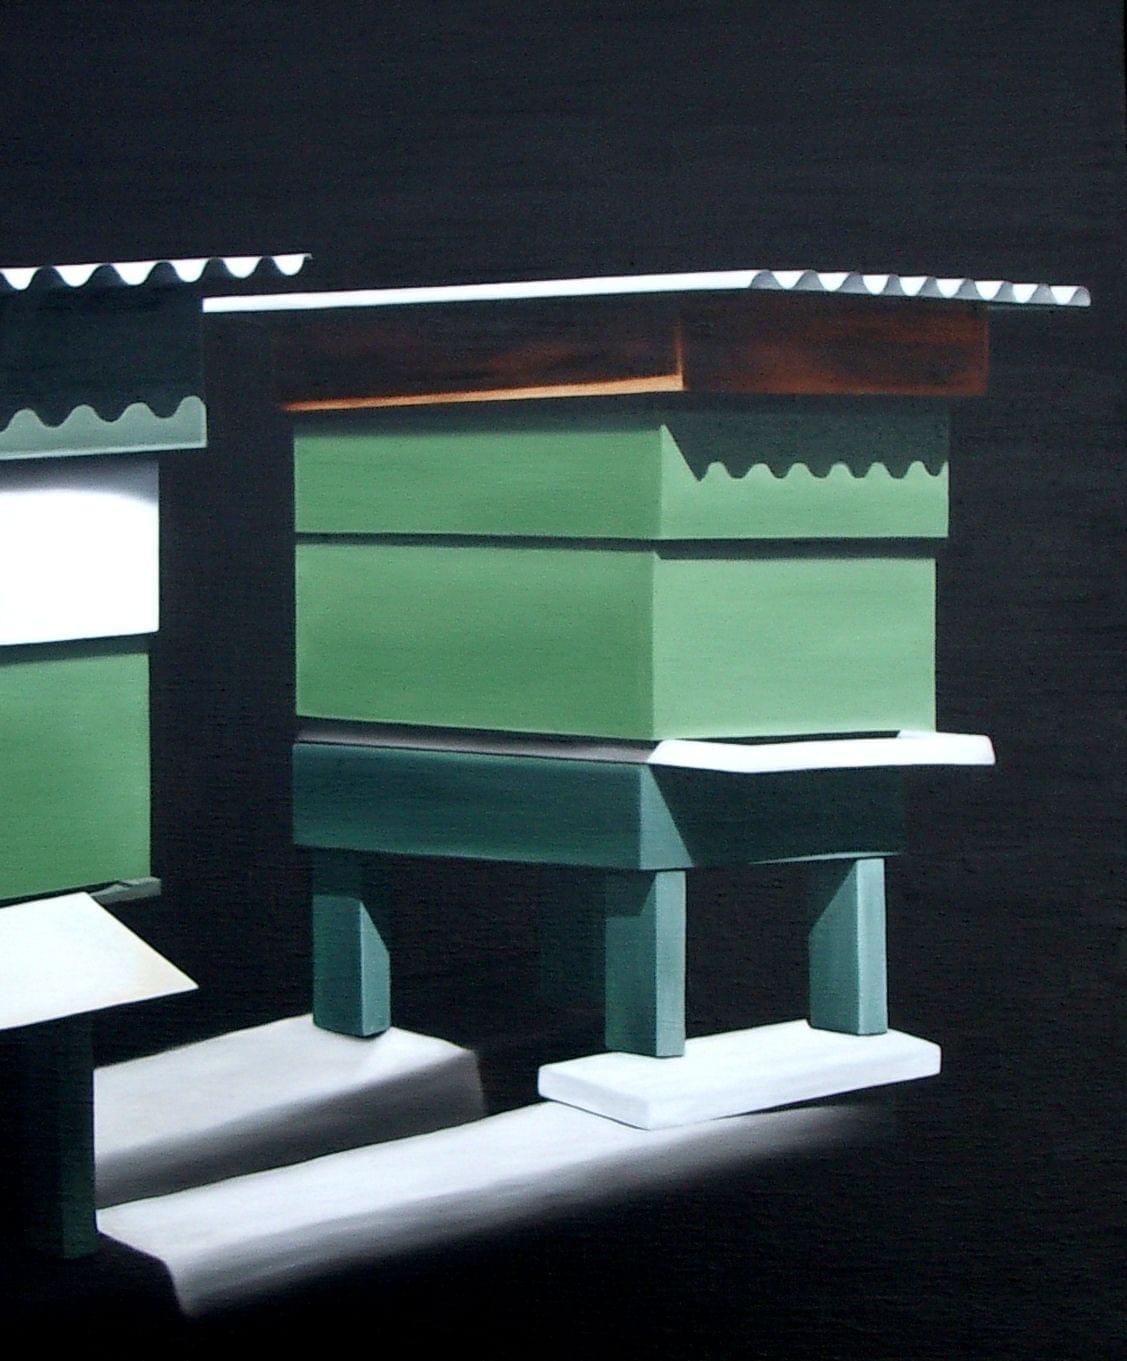 LW009 A world inside another Óleo sobre lienzo 65 x 54 cm. 2007